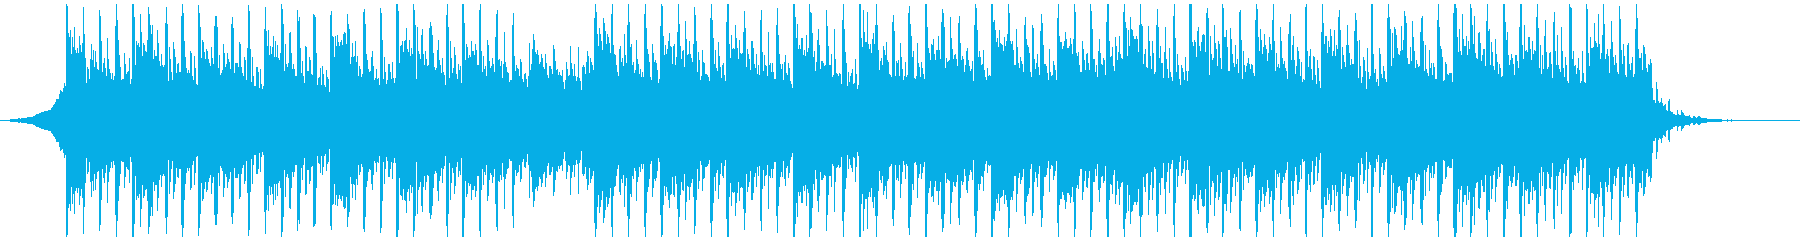 テクノロジー事業(60秒)の再生済みの波形